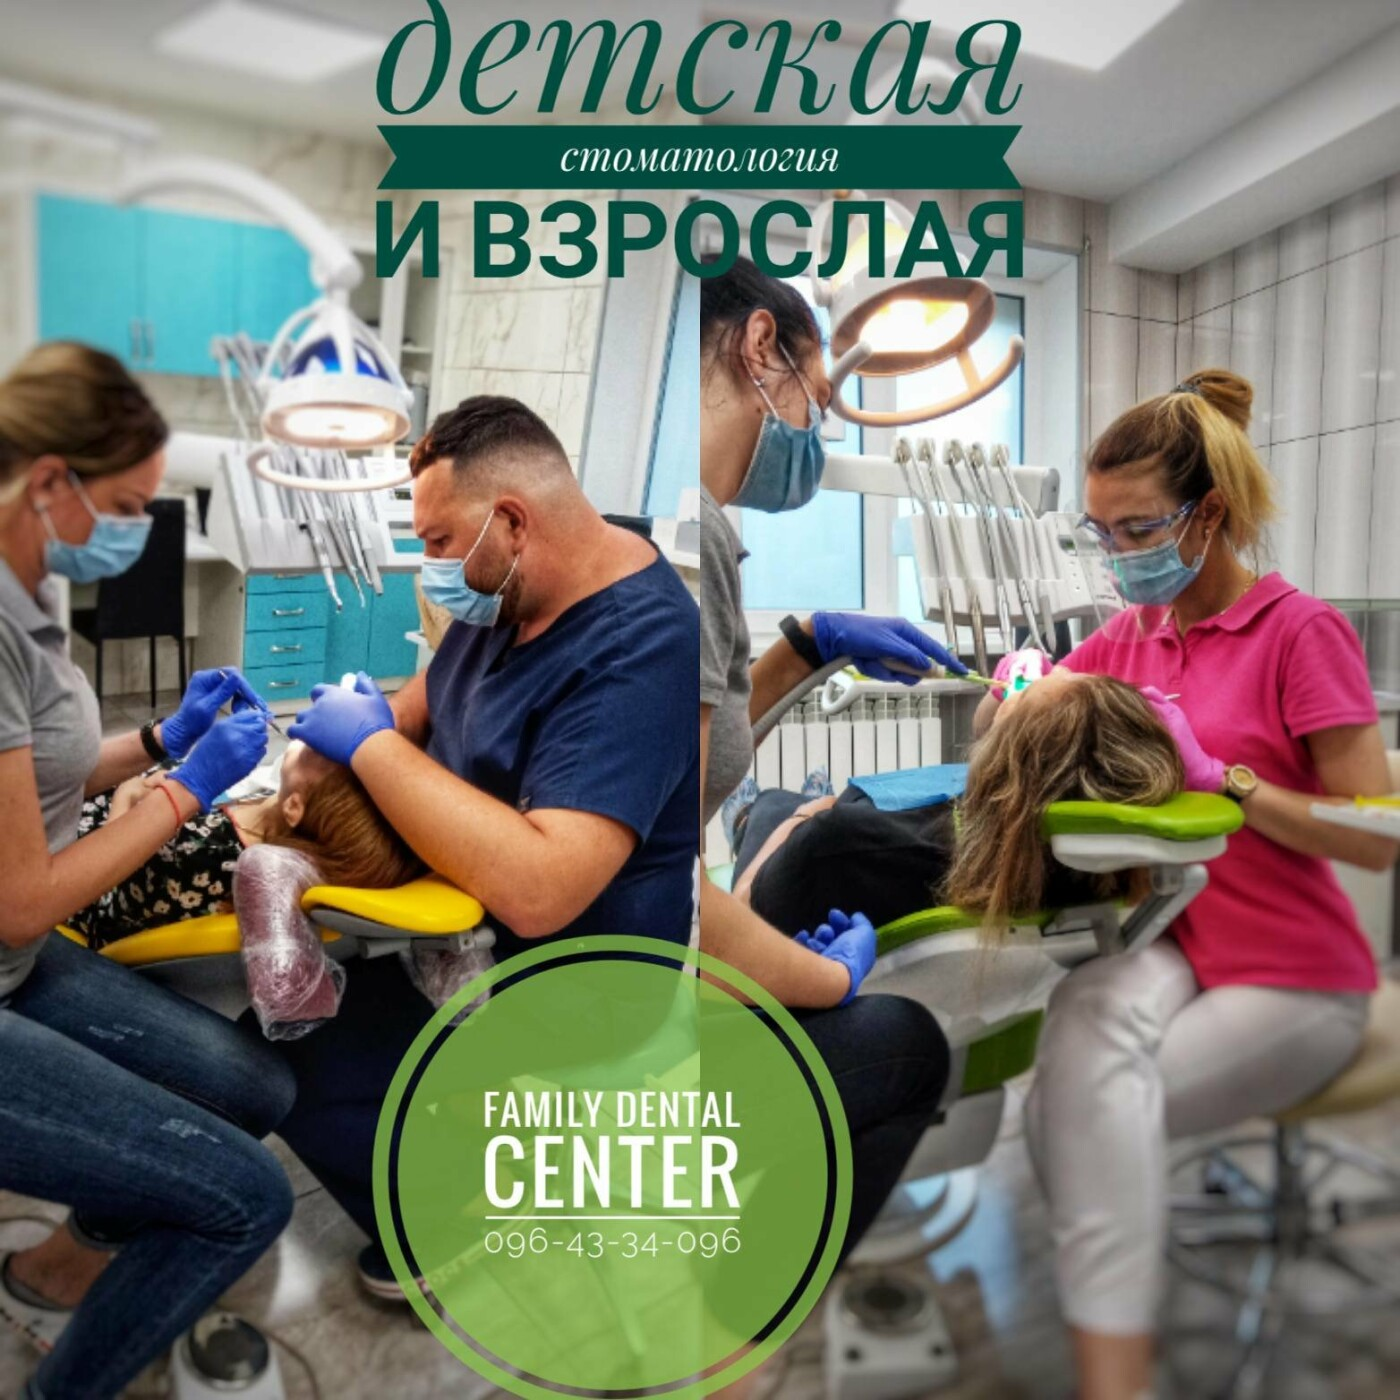 Лечение без боли: ТОП стоматологических клиник Кривого Рога, фото-1